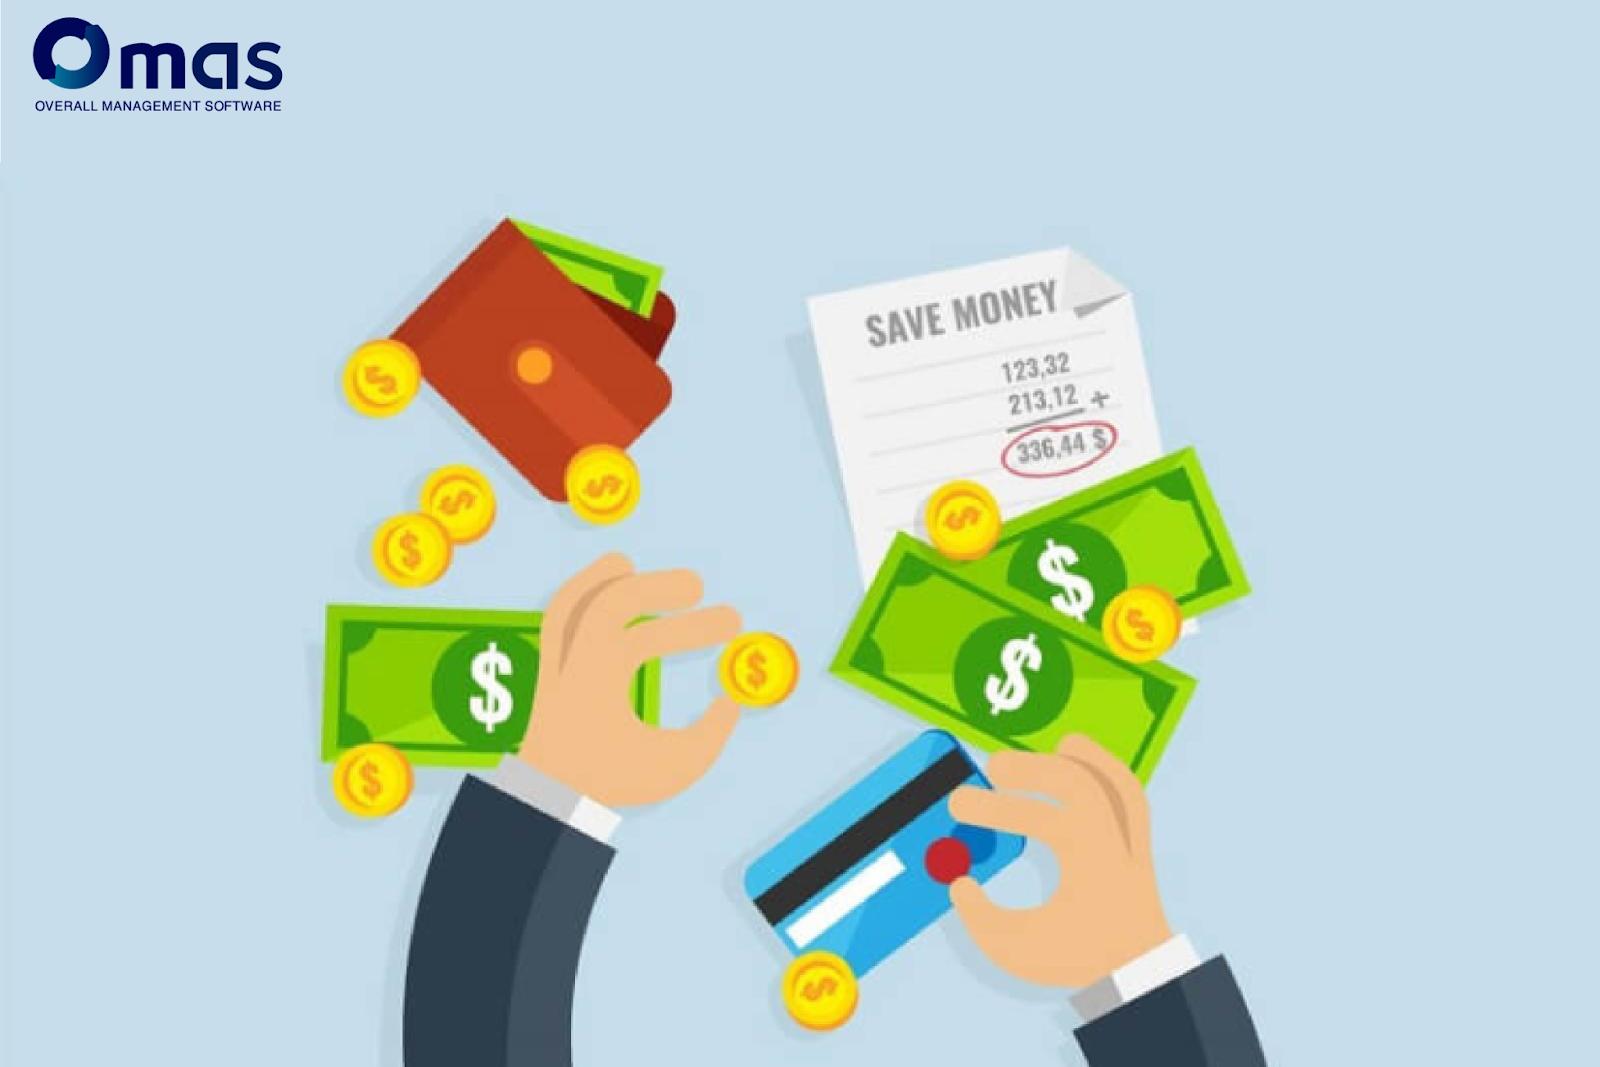 Cấu trúc hạch toán chi phí quản lý doanh nghiệp được thông qua tài khoản 642